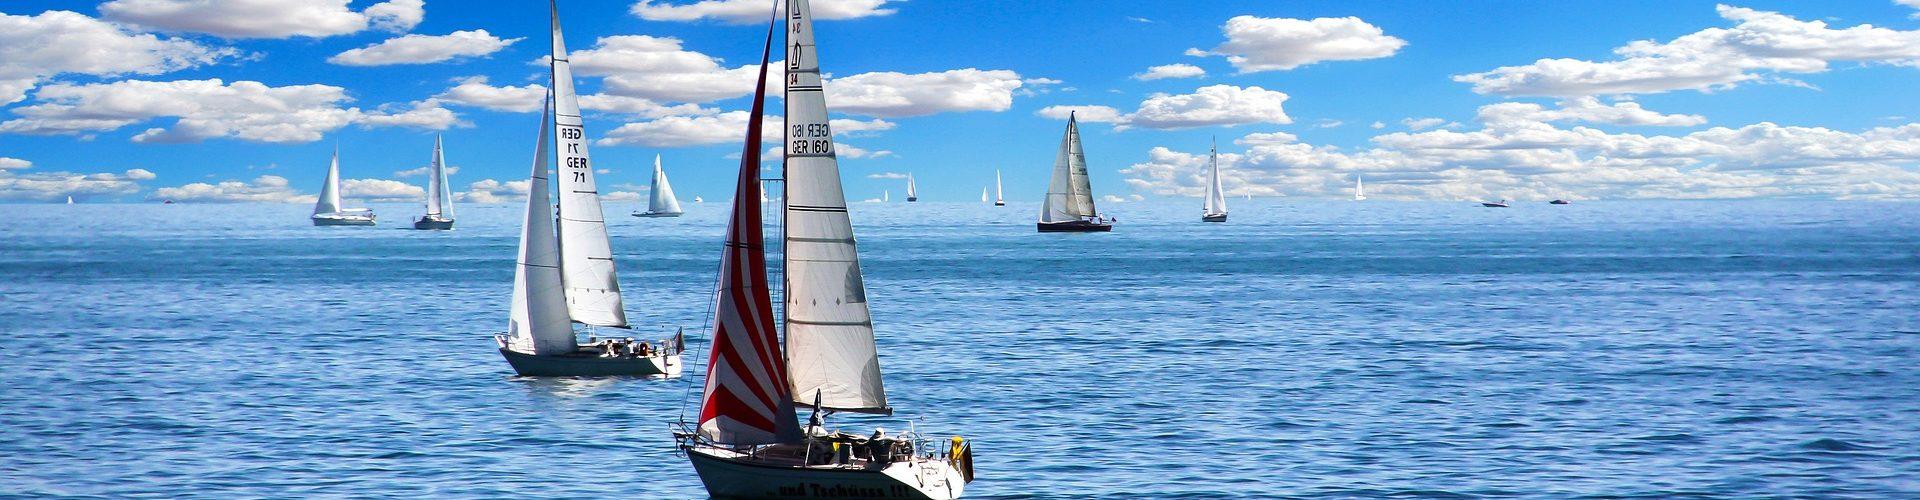 segeln lernen in Bad Homburg vor der Höhe segelschein machen in Bad Homburg vor der Höhe 1920x500 - Segeln lernen in Bad Homburg vor der Höhe